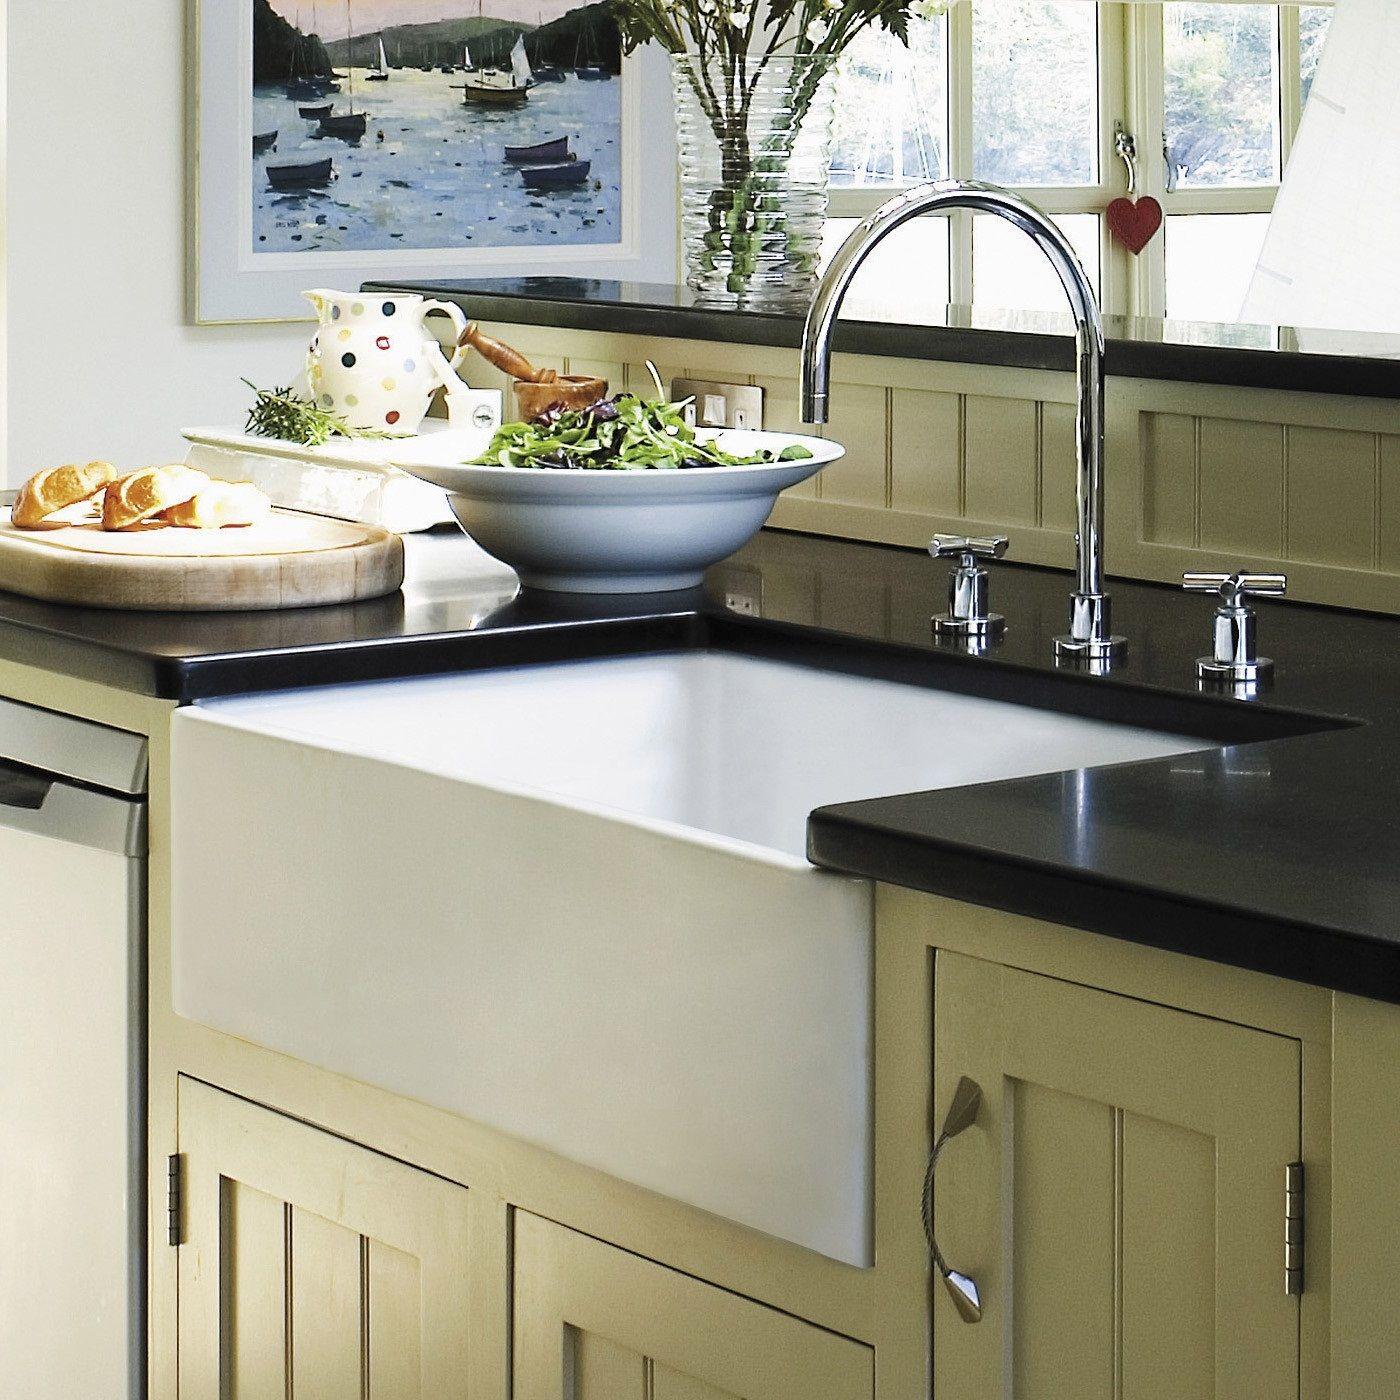 Cool Farmhouse Kitchen Sinks Kitchen door styles